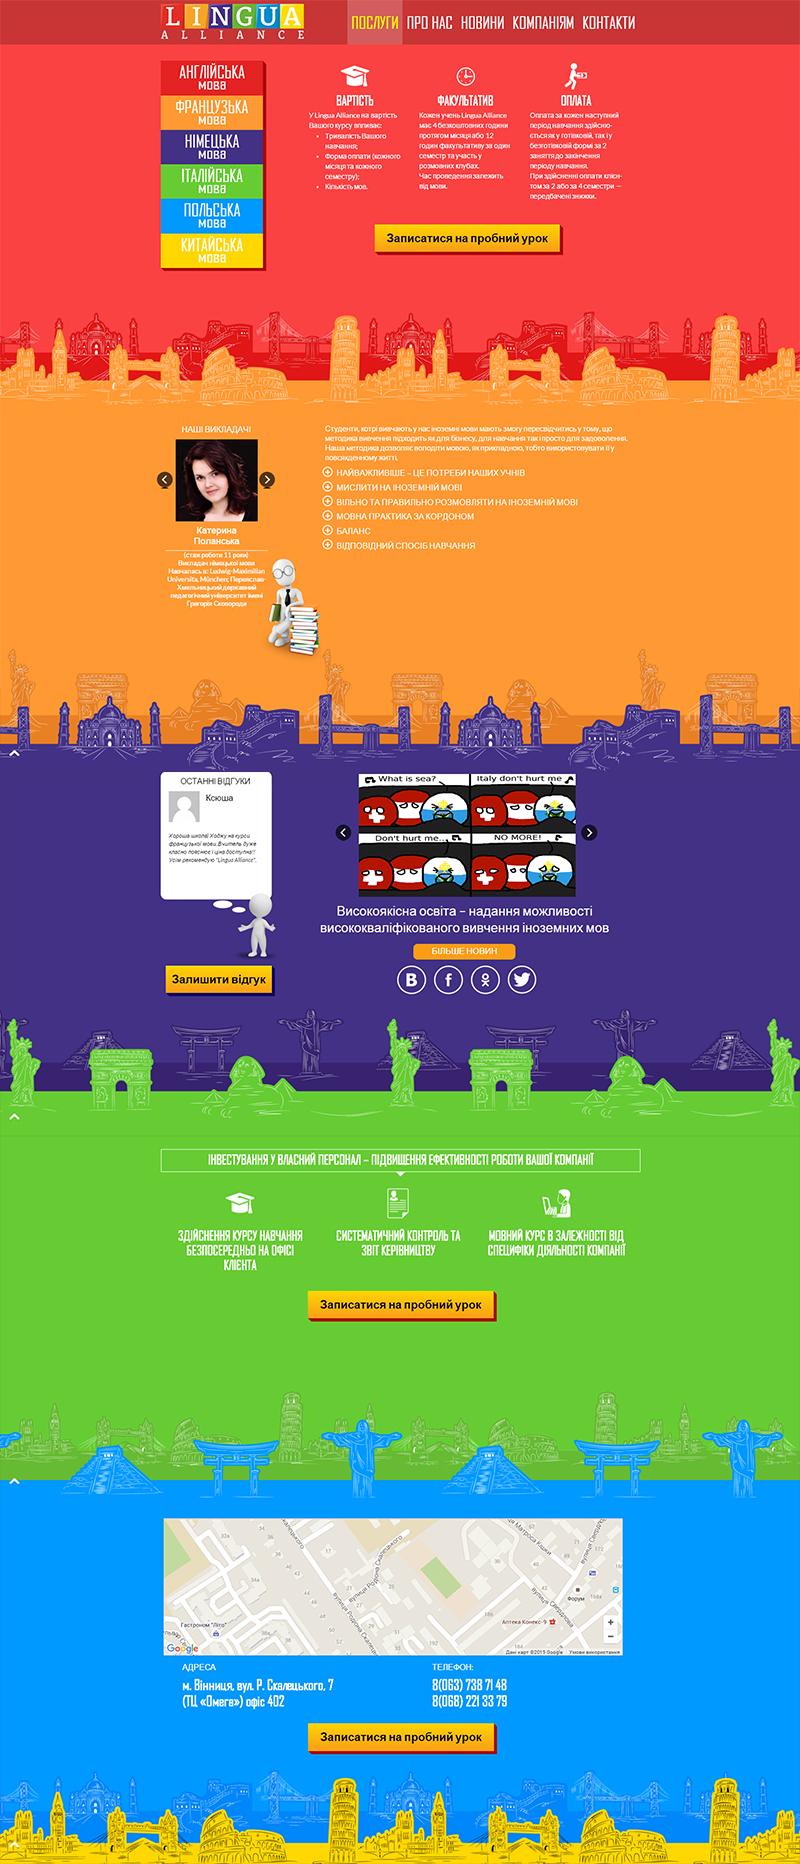 apartr.com.ua